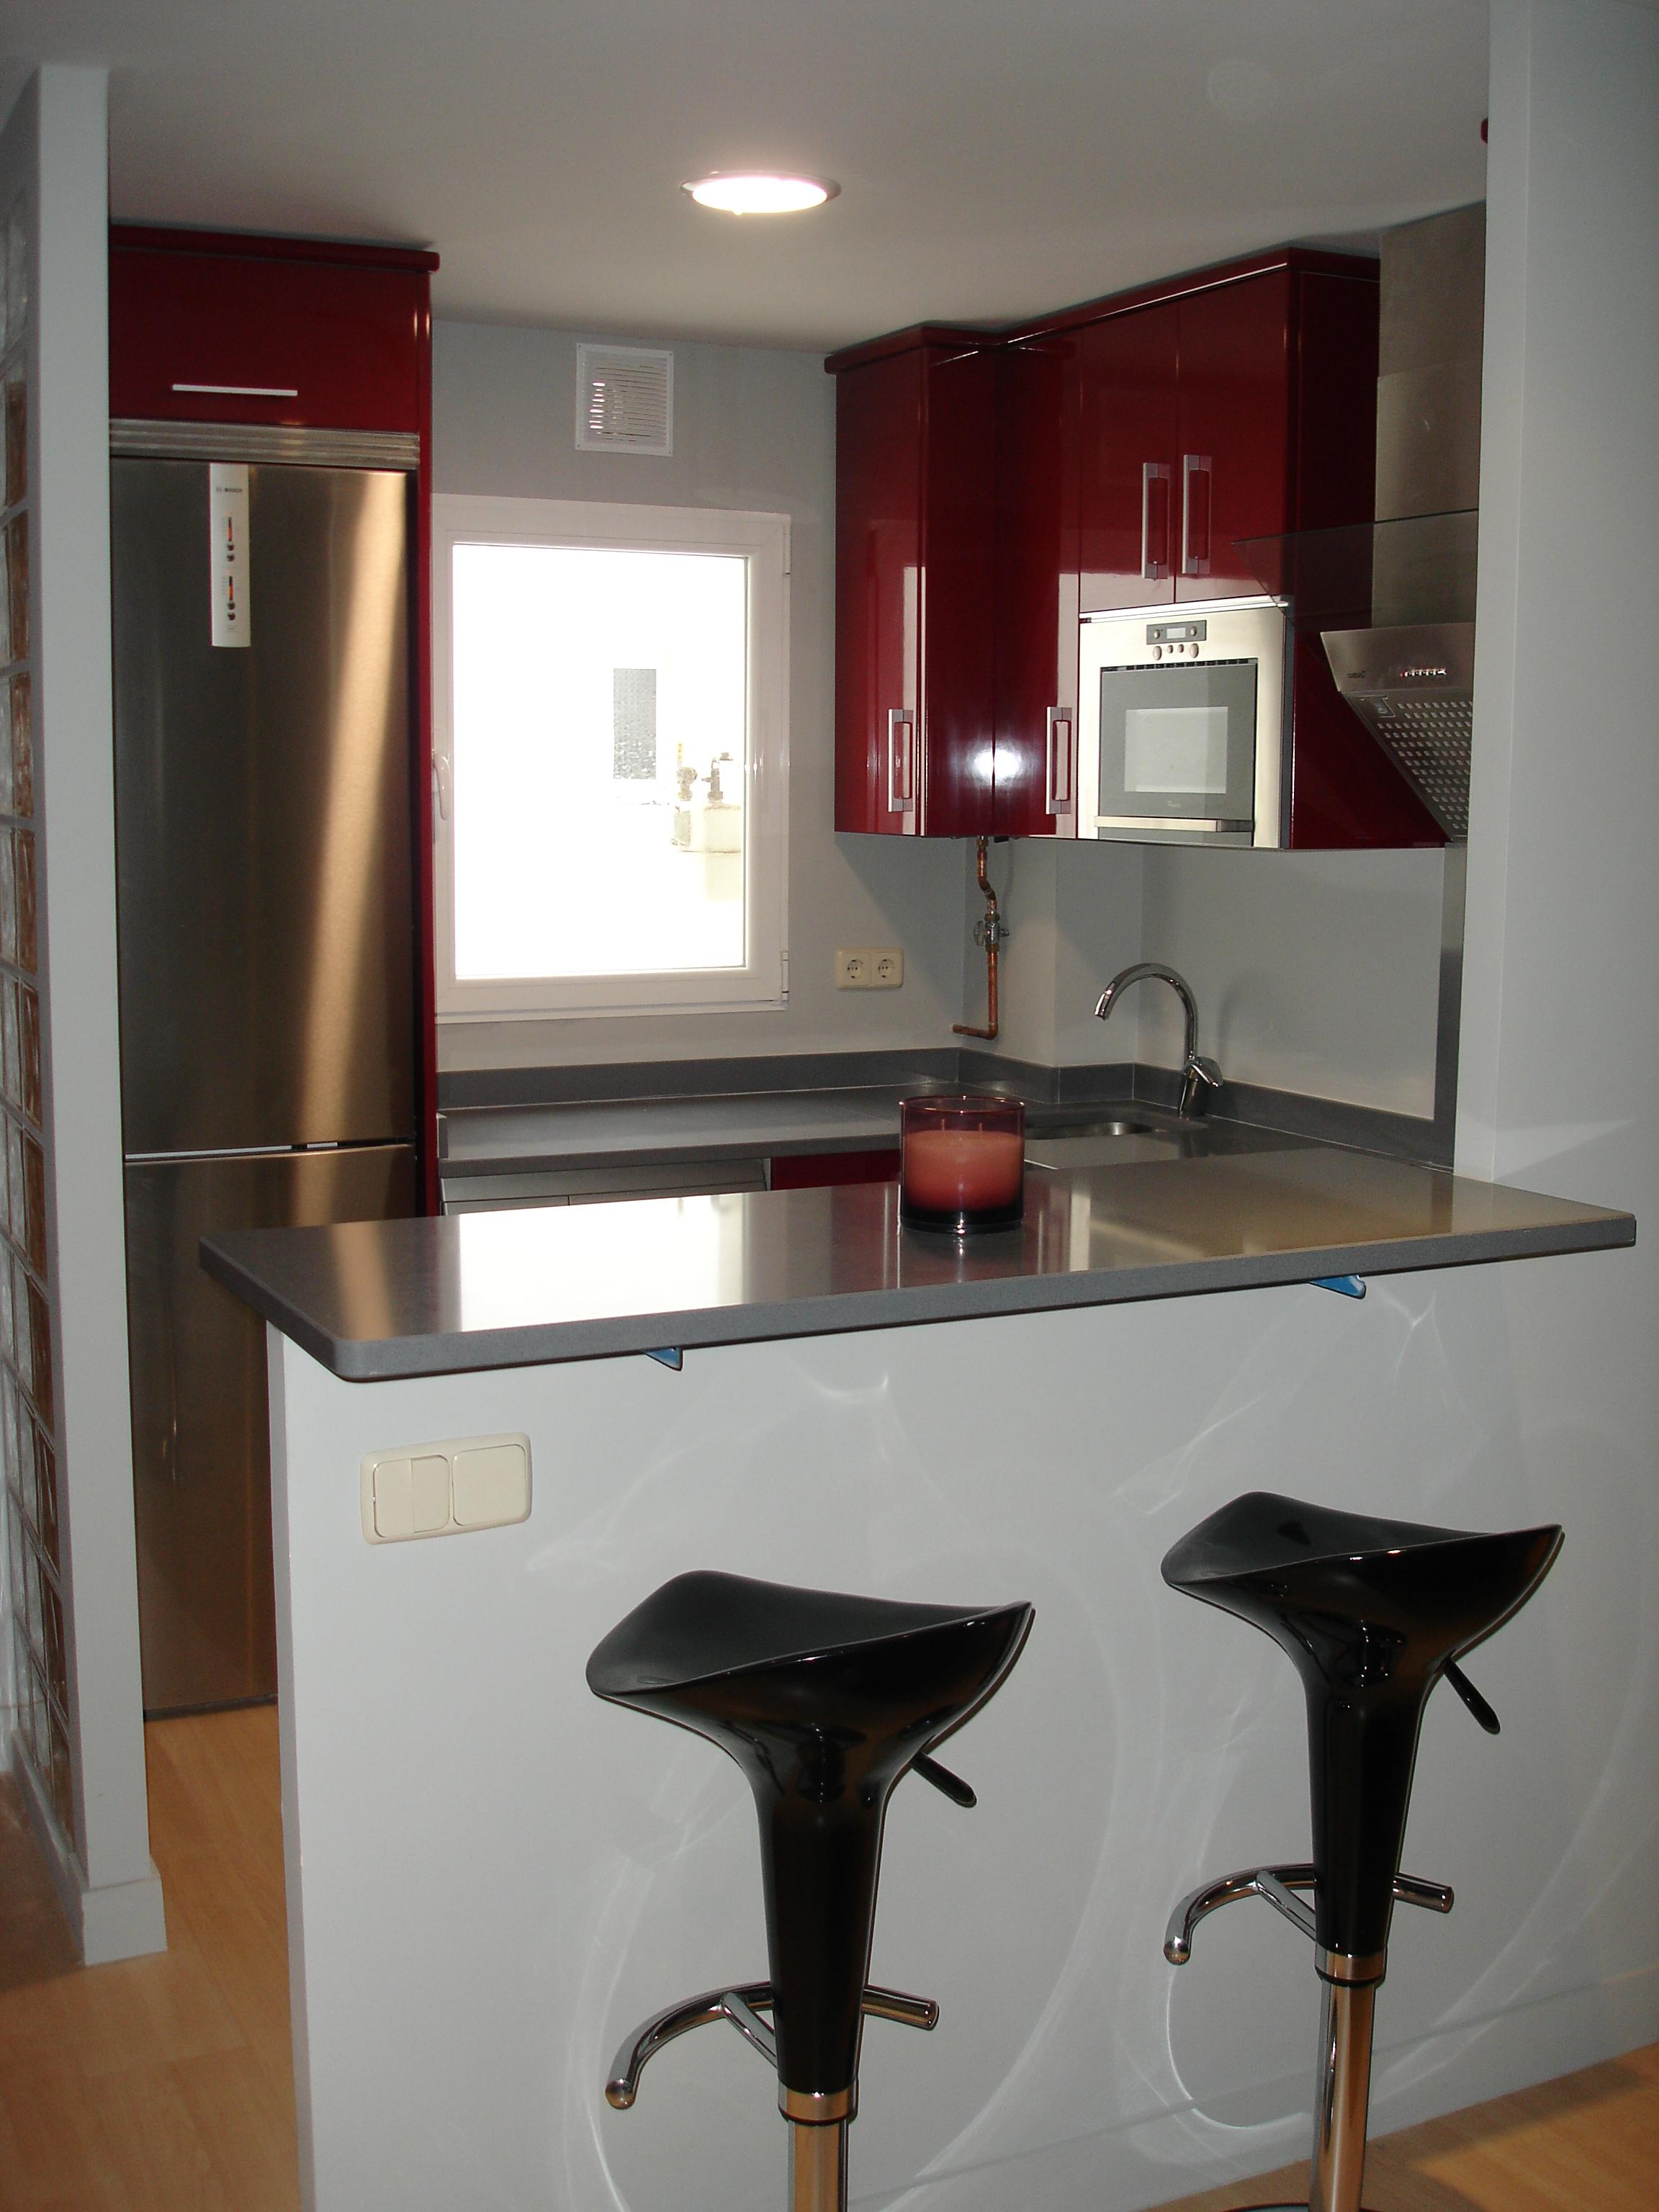 Cocinas…¿abiertas o cerradas? ⋆ Alicia Mesa - Diseñadora de ...